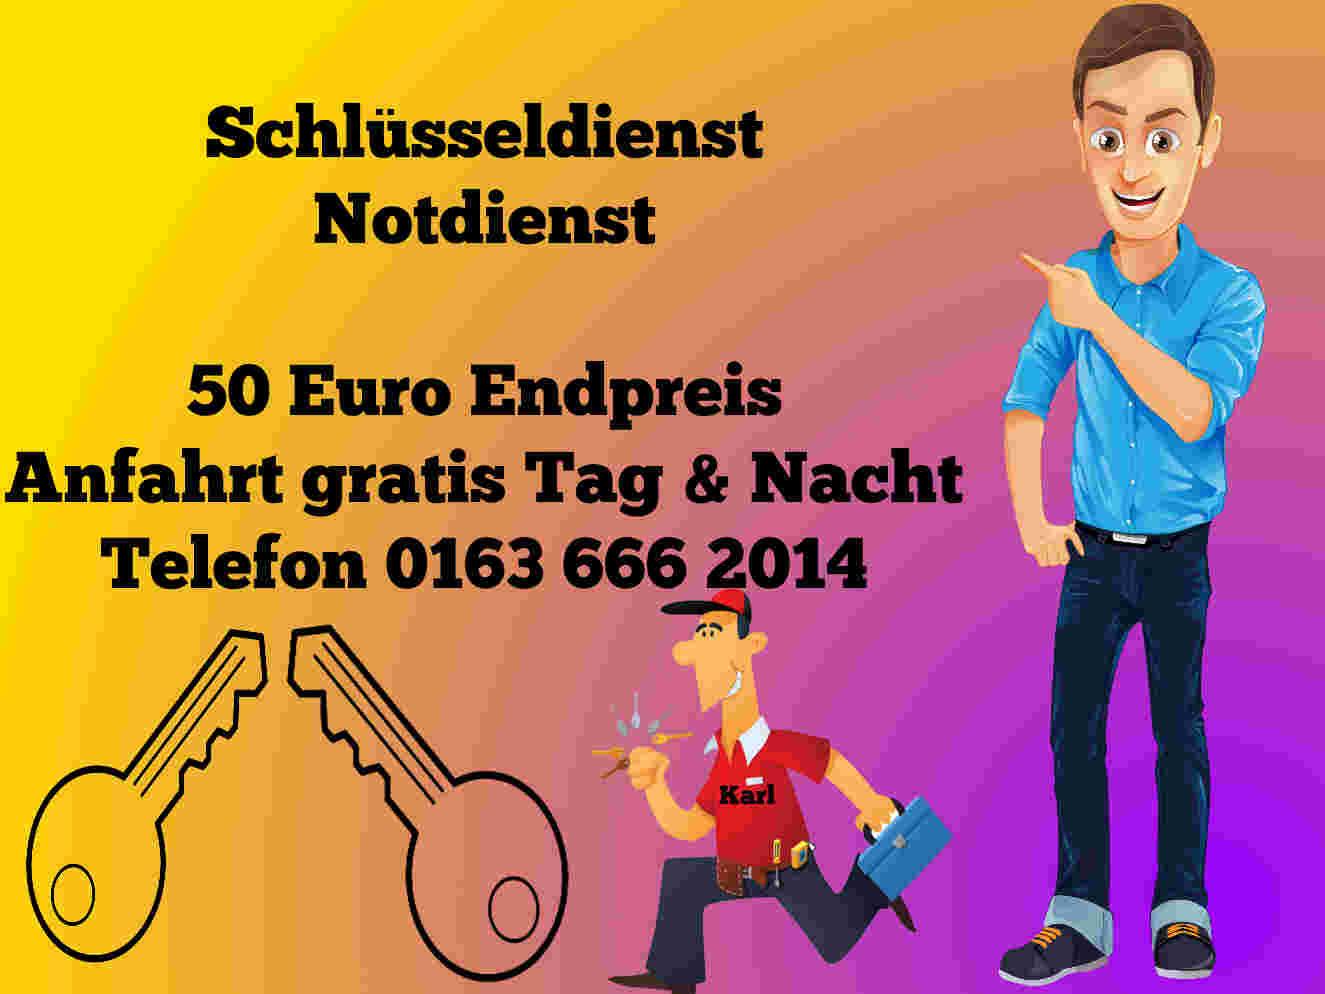 Trierer Strasse - Schlüsseldienst Aachen Brand - Schlüsselnotdienst Aachen Forst - 50 Euro Endpreis für Tür öffnen - Notdienst Tag und Nacht